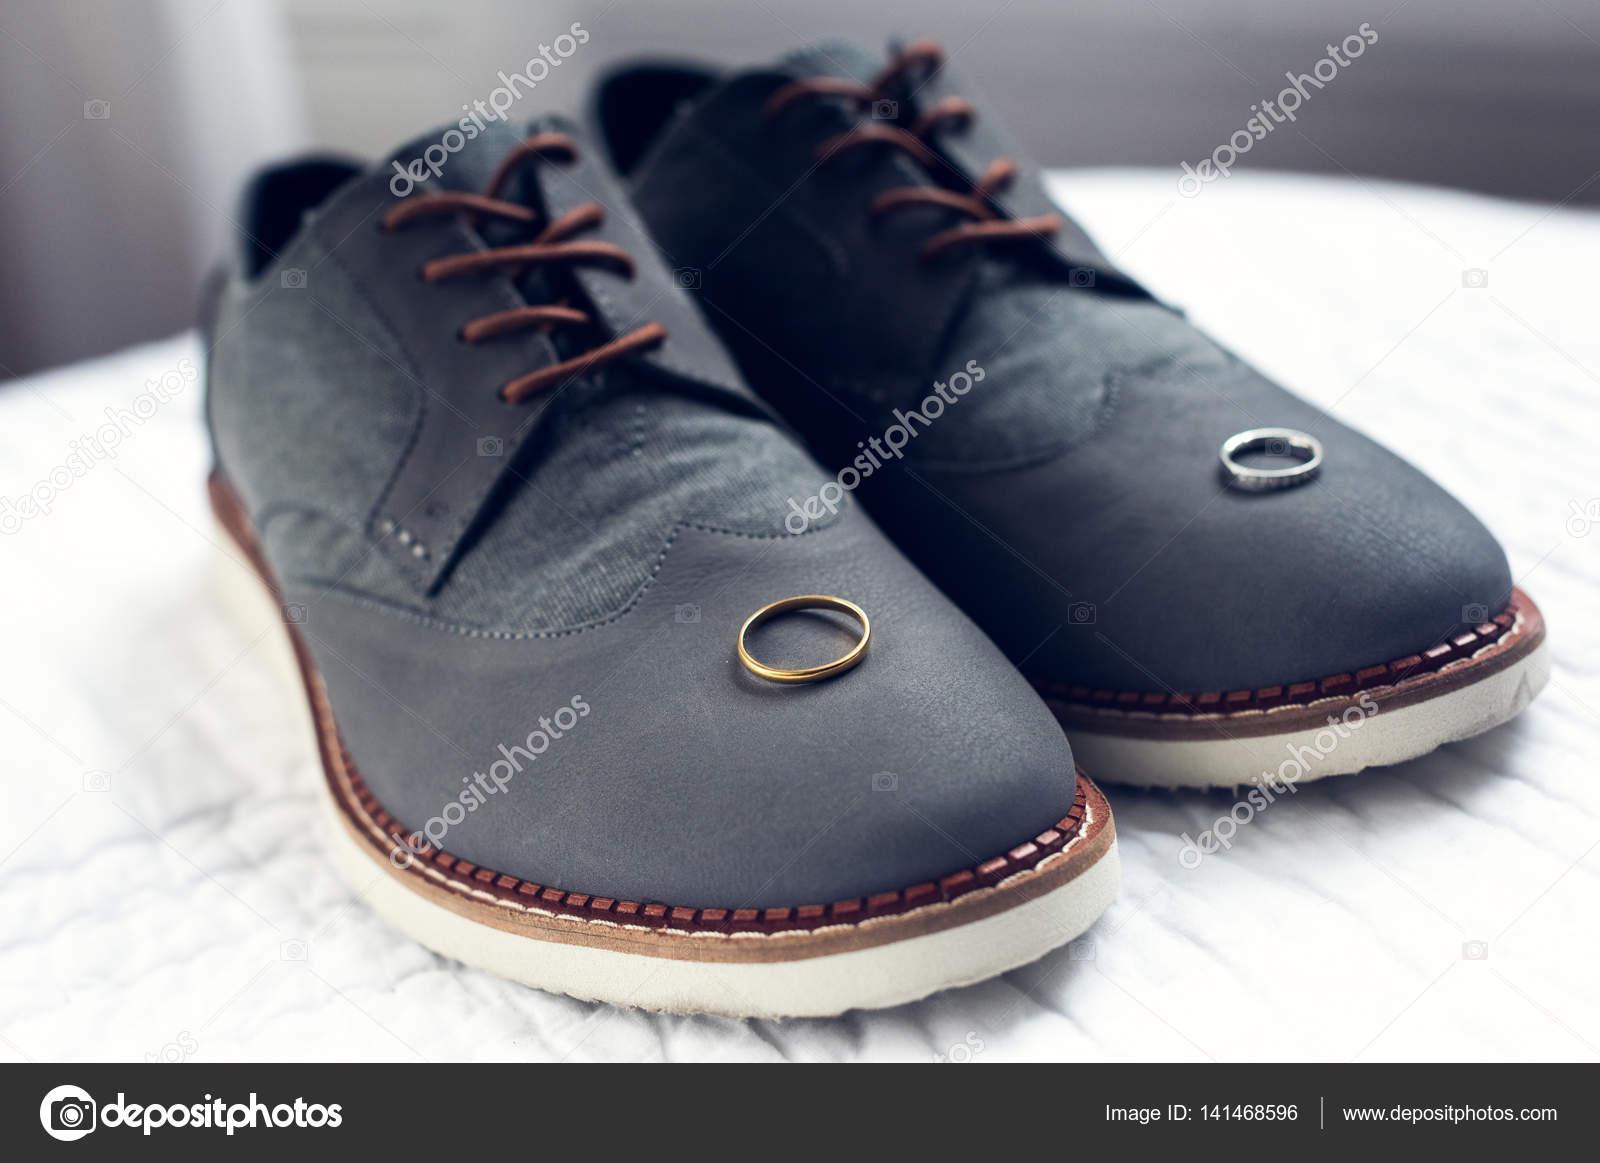 5fc55f9f7d14a Une belle paire de chaussures de mariage gris avec une finition orange dans  les lacets et semelle et bagues de mariage. Toutes prises avec une créative  ...